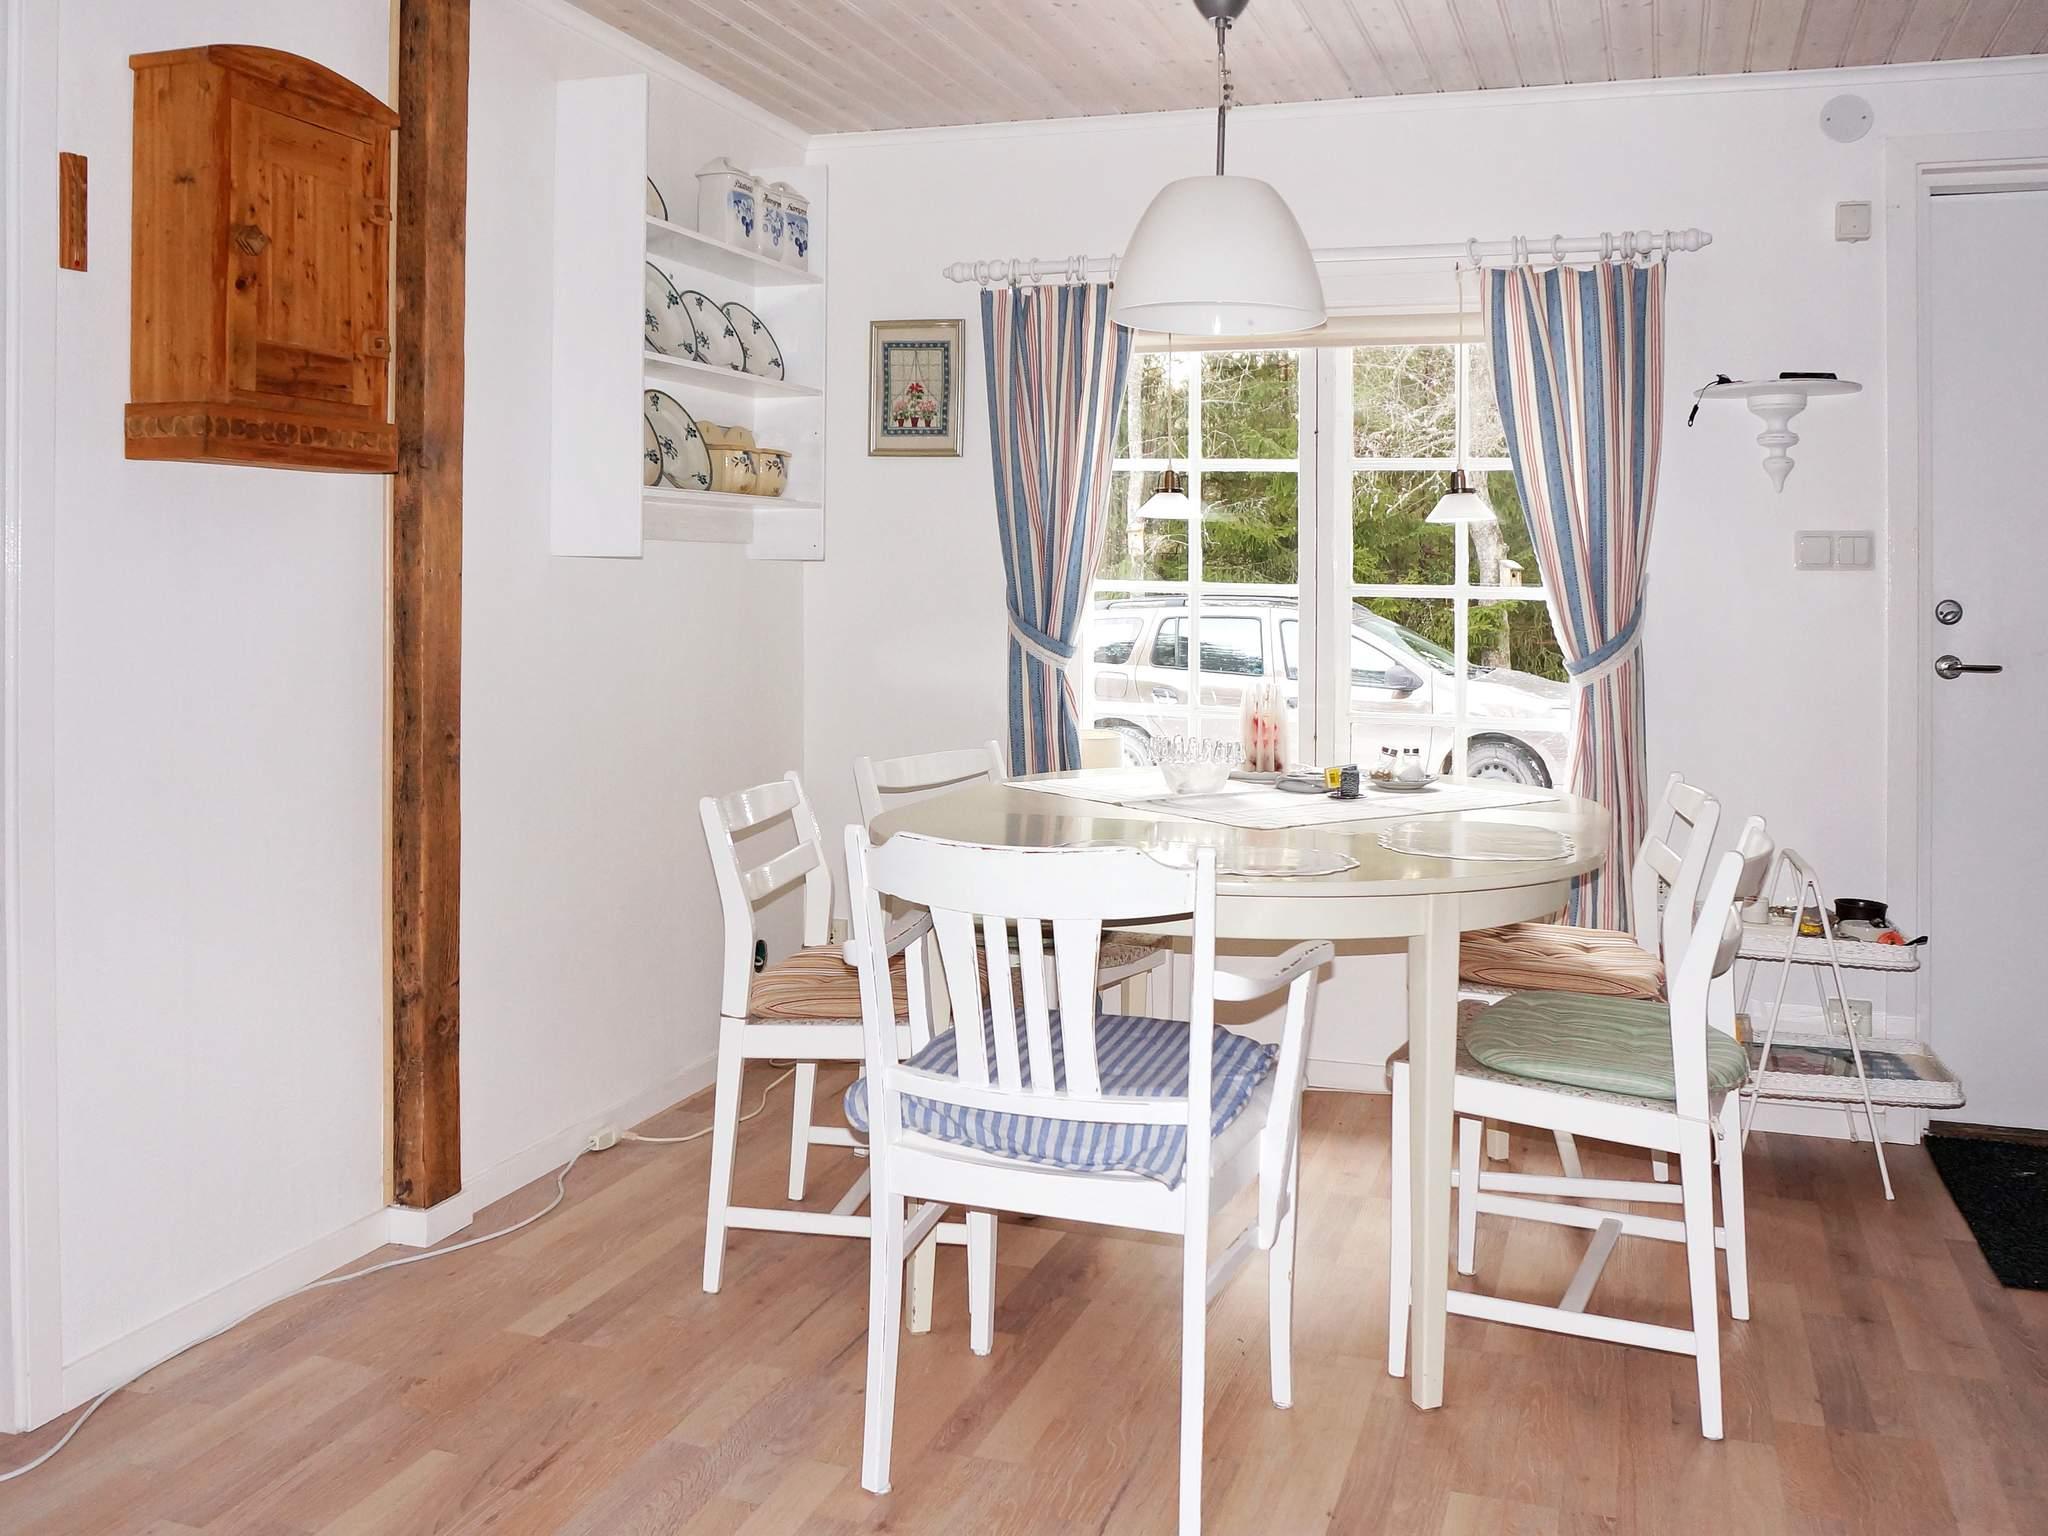 Ferienhaus Linneryd (2402351), Linneryd, Kronobergs län, Südschweden, Schweden, Bild 5